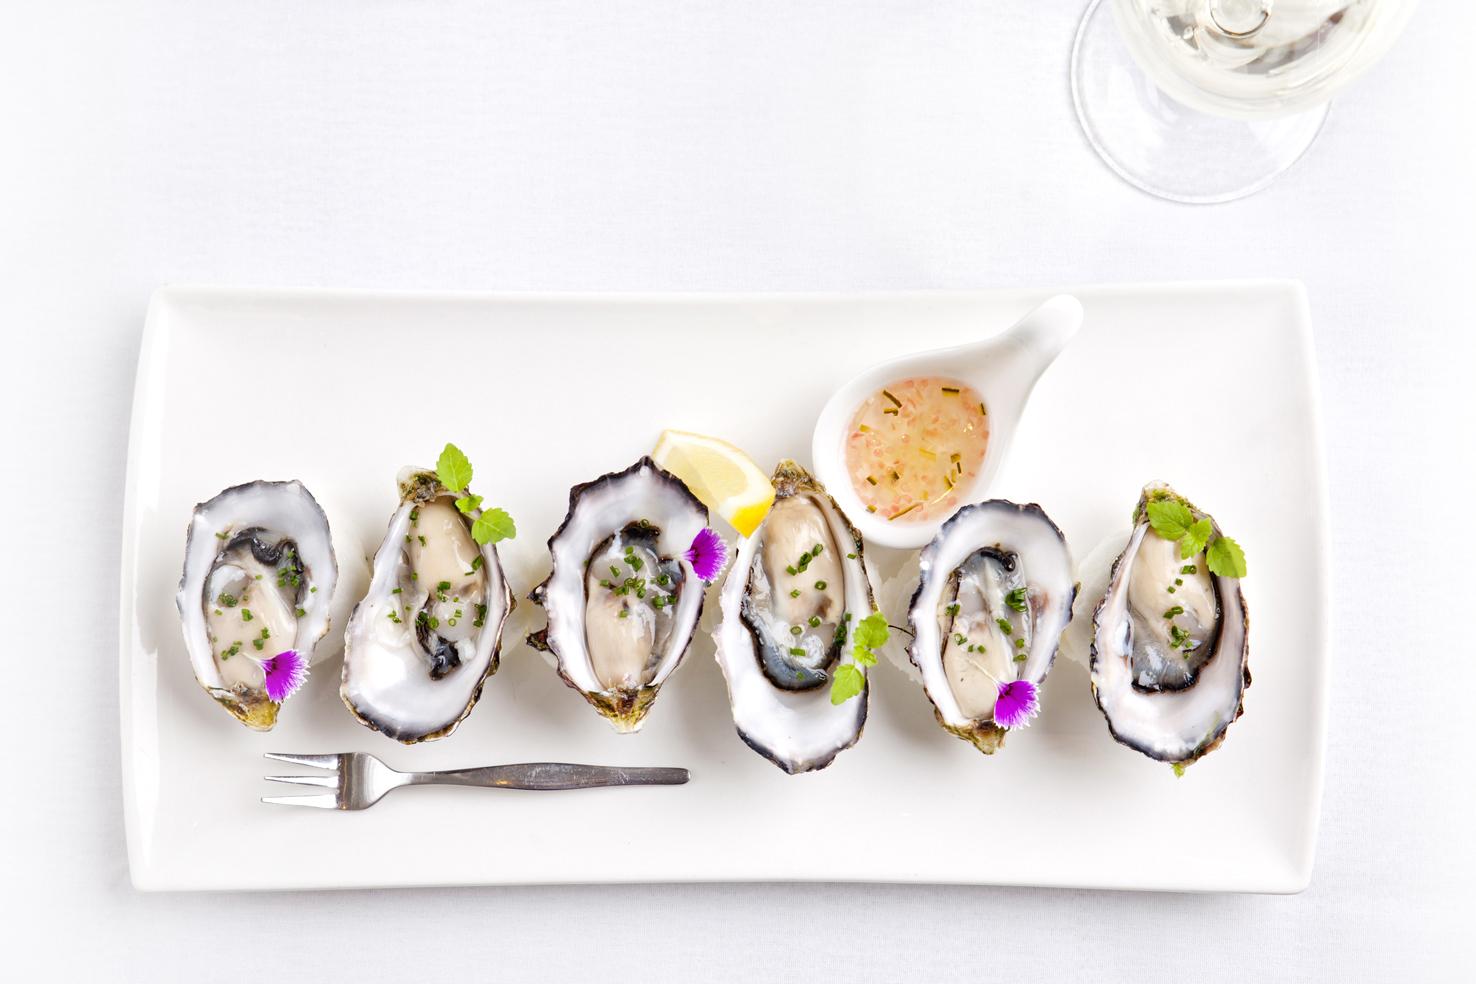 © Fran Flynn for Allure Restaurant